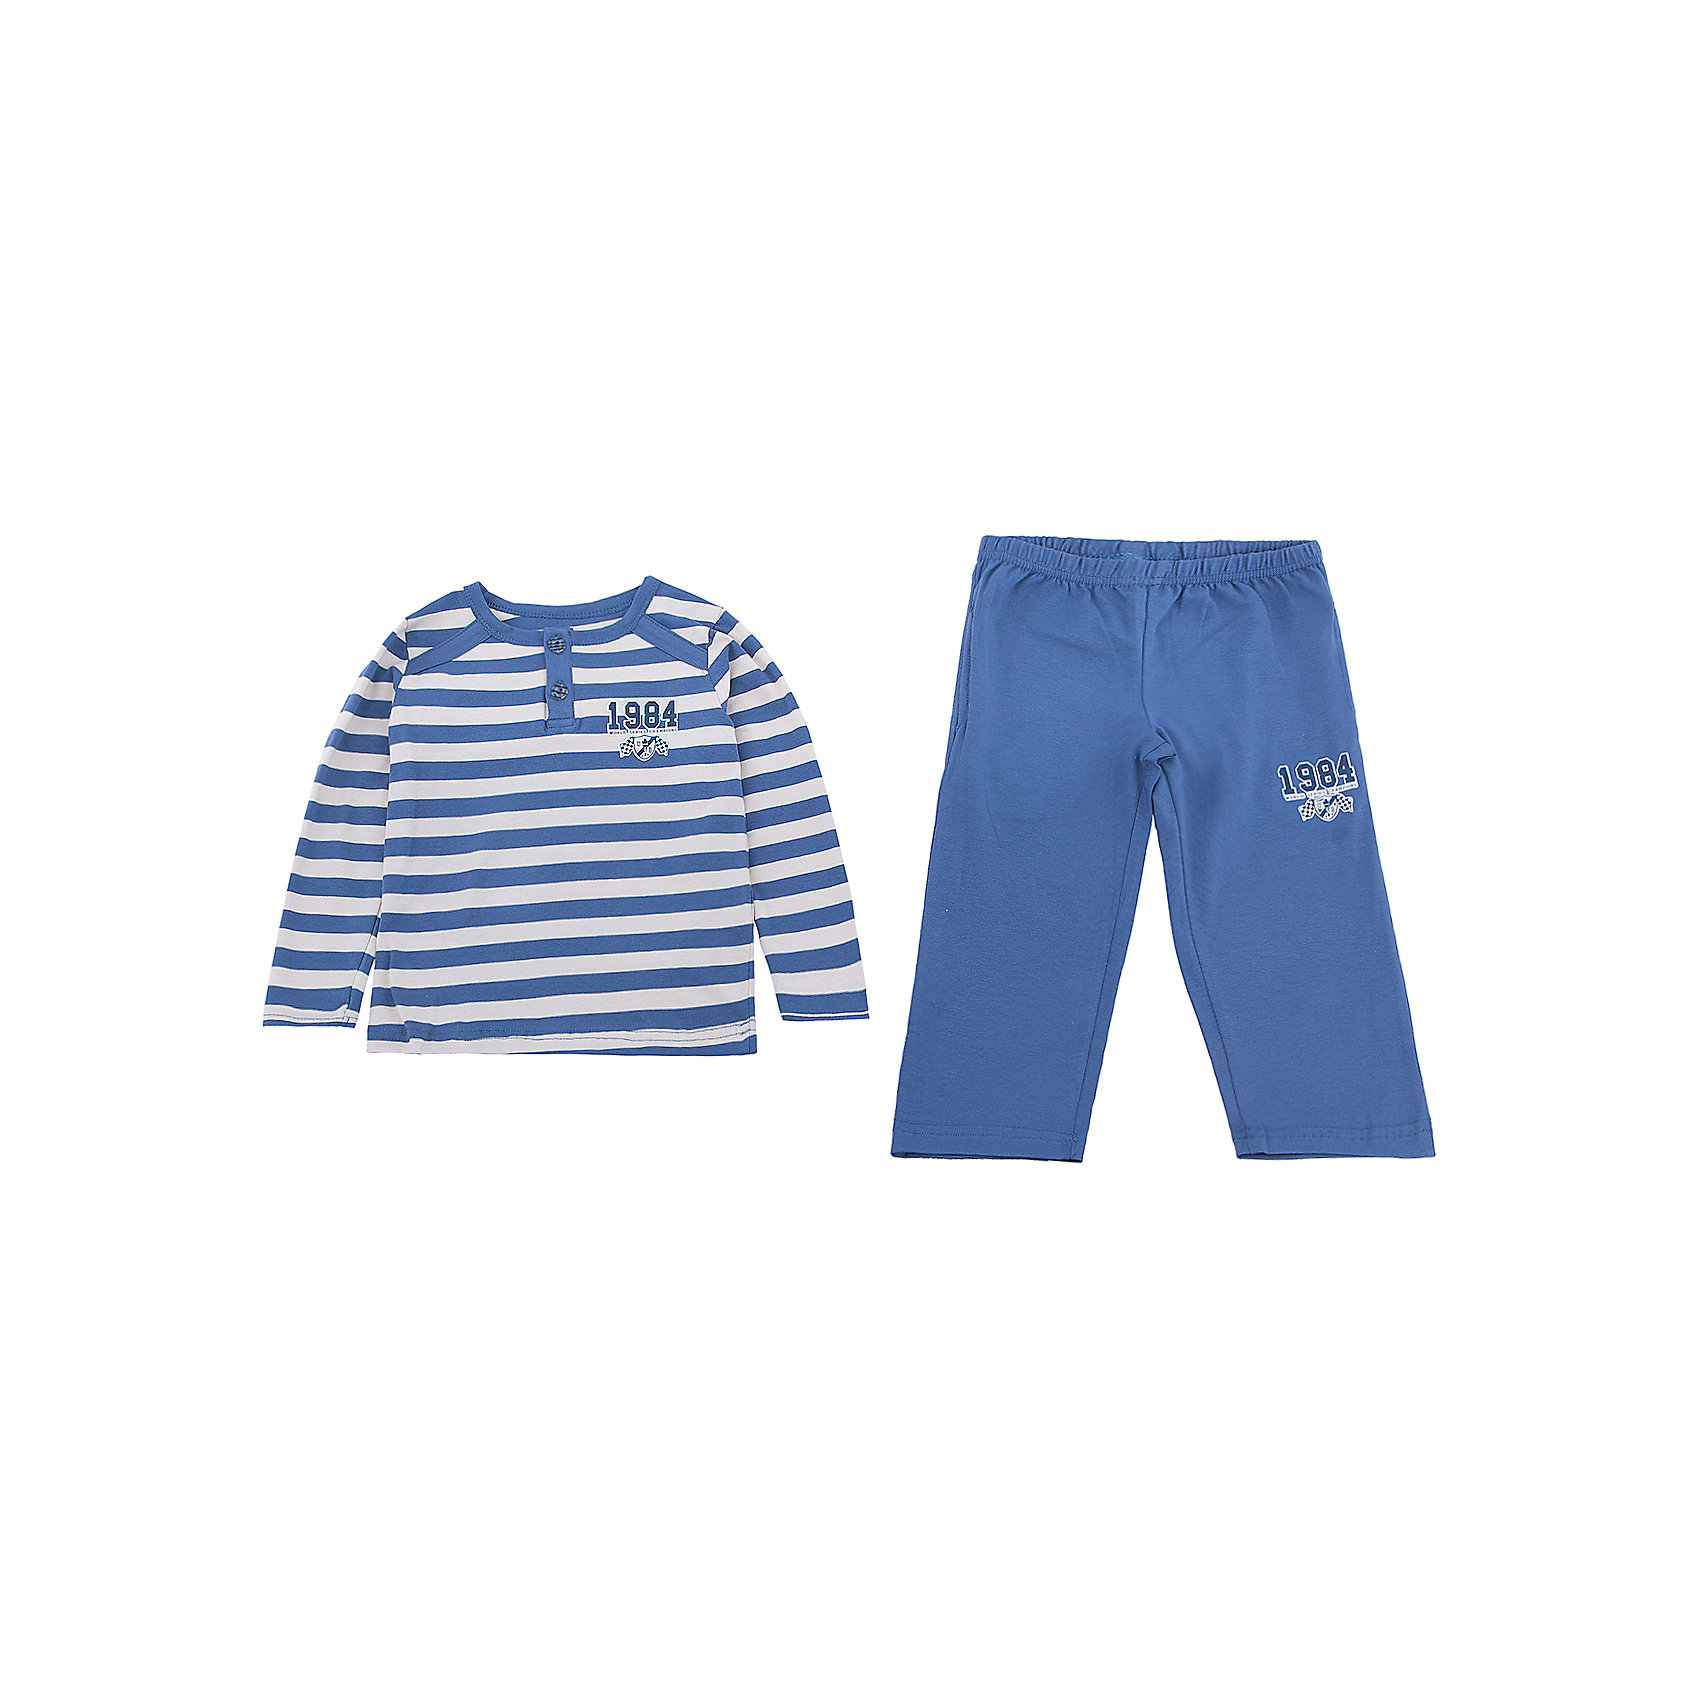 Пижама для мальчика BaykarПижамы и сорочки<br>Характеристики товара:<br><br>• цвет: синий<br>• состав ткани: 95% хлопок; 5% эластан<br>• комплектация: кофта, брюки<br>• пояс брюк: резинка<br>• сезон: круглый год<br>• страна бренда: Турция<br>• страна изготовитель: Турция<br><br>Качественная пижама для мальчика позволяет обеспечить комфортный сон. Пижама для мальчика Baykar украшена симпатичным принтом. <br><br>Этот комплект для сна из кофты и брюк сделан из мягкого дышащего материала. Продуманный крой обеспечивает комфортную посадку. <br><br>Пижаму для мальчика Baykar (Байкар) можно купить в нашем интернет-магазине.<br><br>Ширина мм: 281<br>Глубина мм: 70<br>Высота мм: 188<br>Вес г: 295<br>Цвет: белый<br>Возраст от месяцев: 24<br>Возраст до месяцев: 36<br>Пол: Мужской<br>Возраст: Детский<br>Размер: 92/98,80/92<br>SKU: 6764754